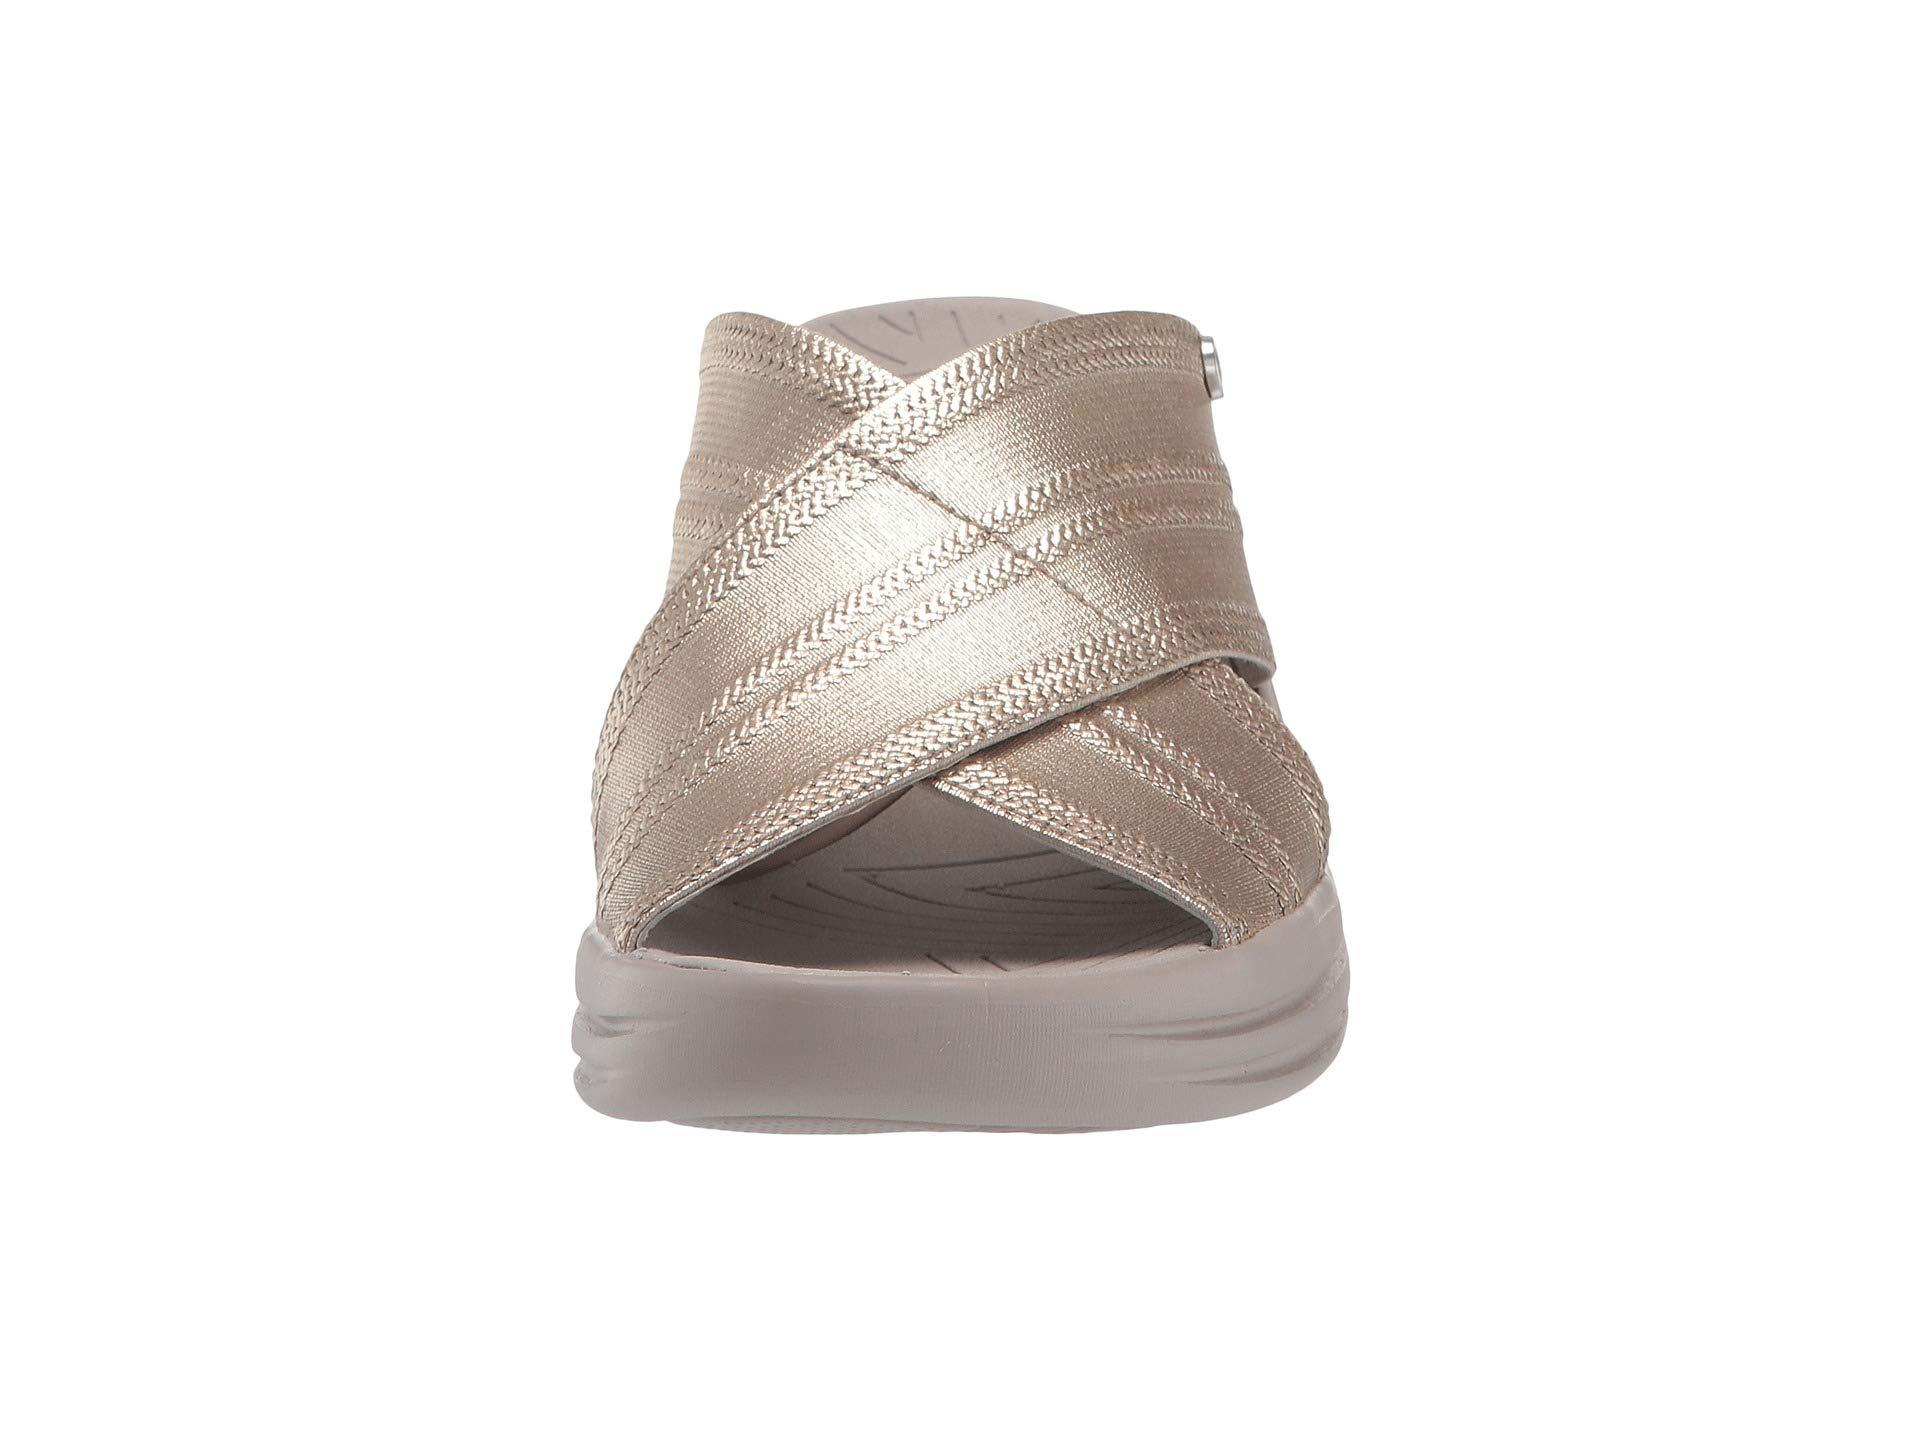 ffbb81c8d800 Bzees - Vista (light Gold Metallic Fabric) Women s Sandals - Lyst. View  fullscreen